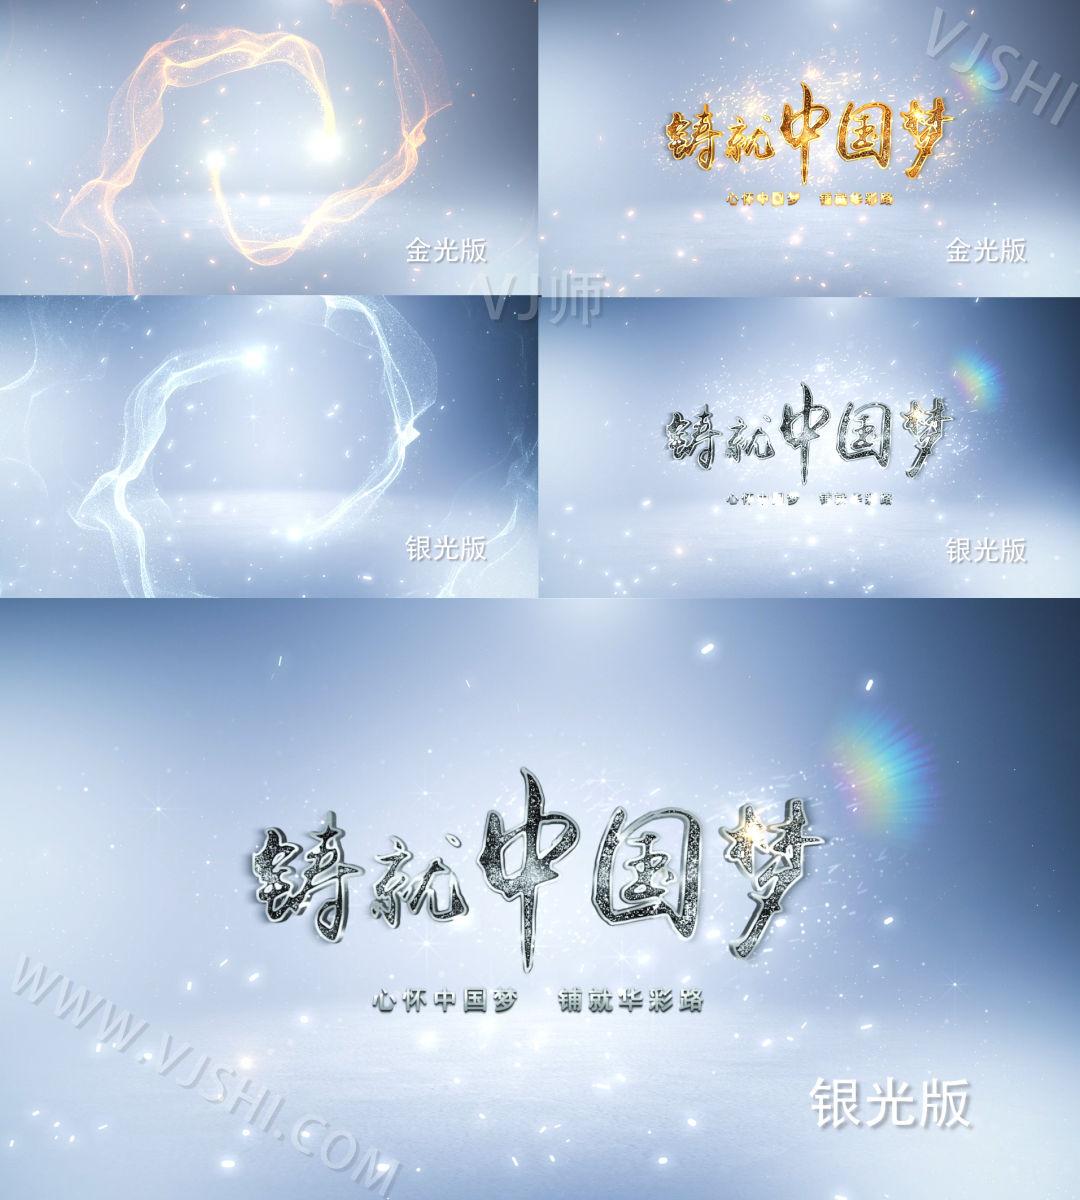 光線粒子大氣logo標題片頭